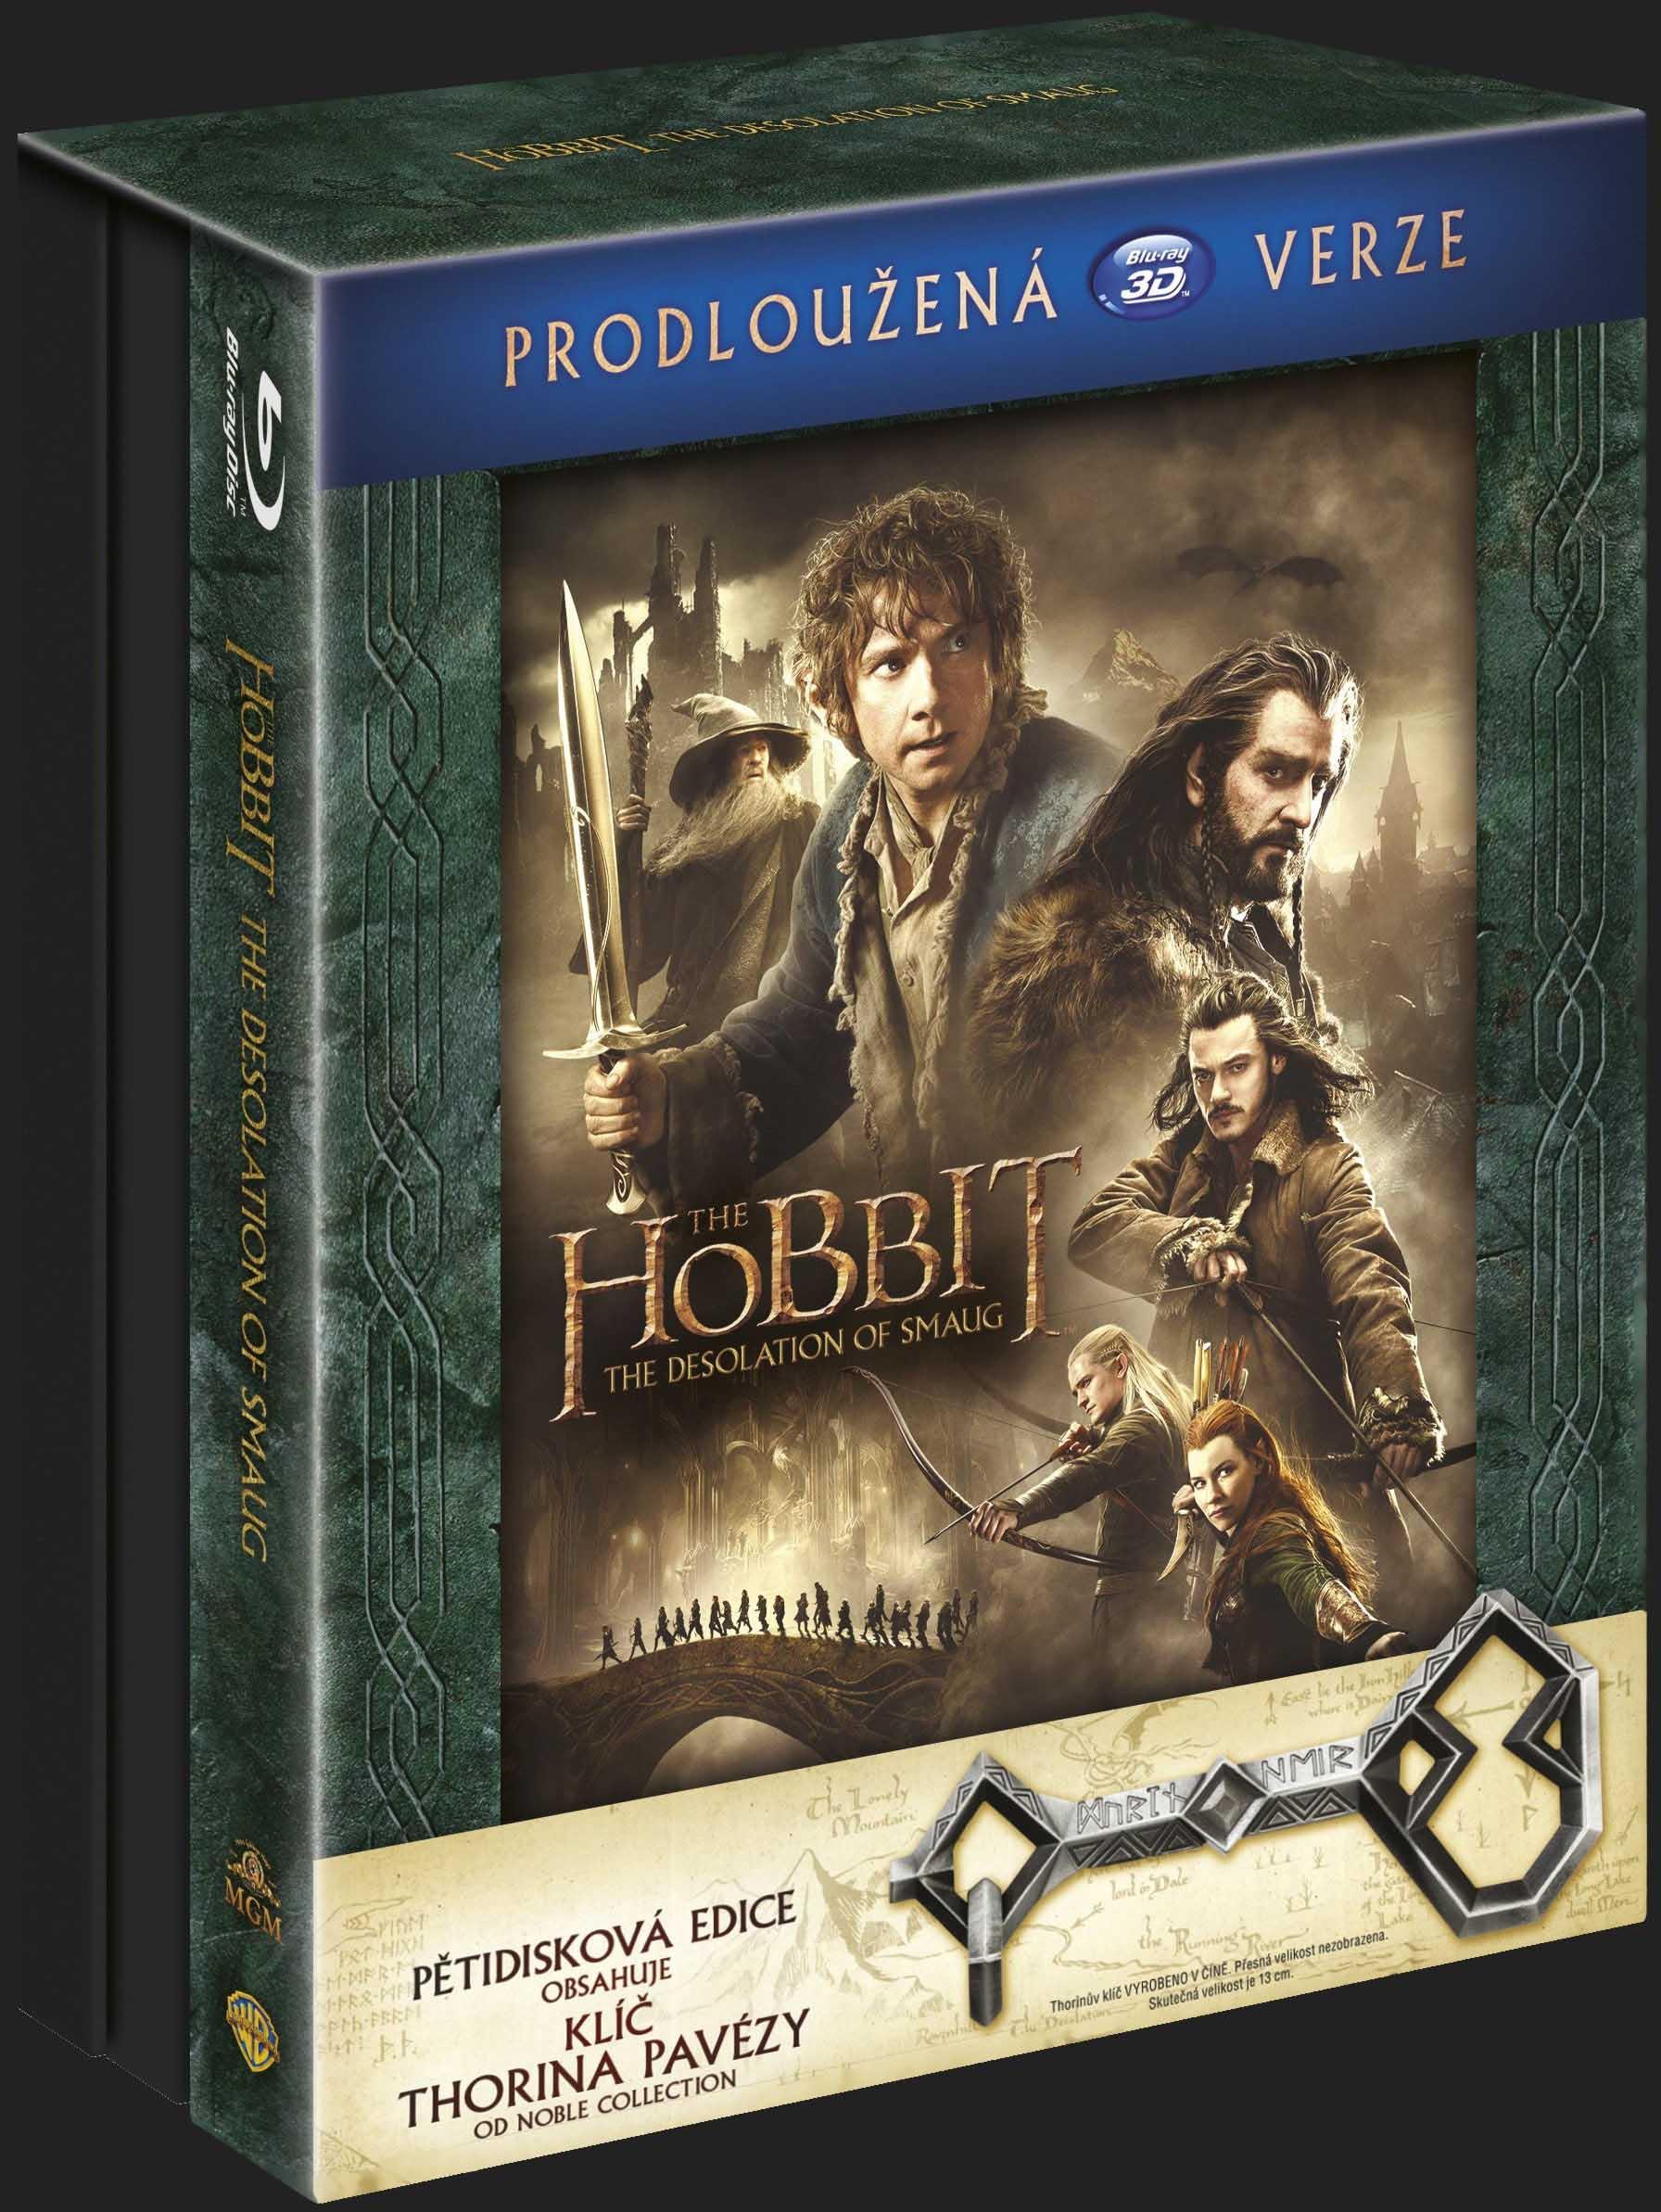 Hobit: Šmakova dračí poušť (Prodloužená verze) klíč Ereboru - Blu-ray 3D + 2D